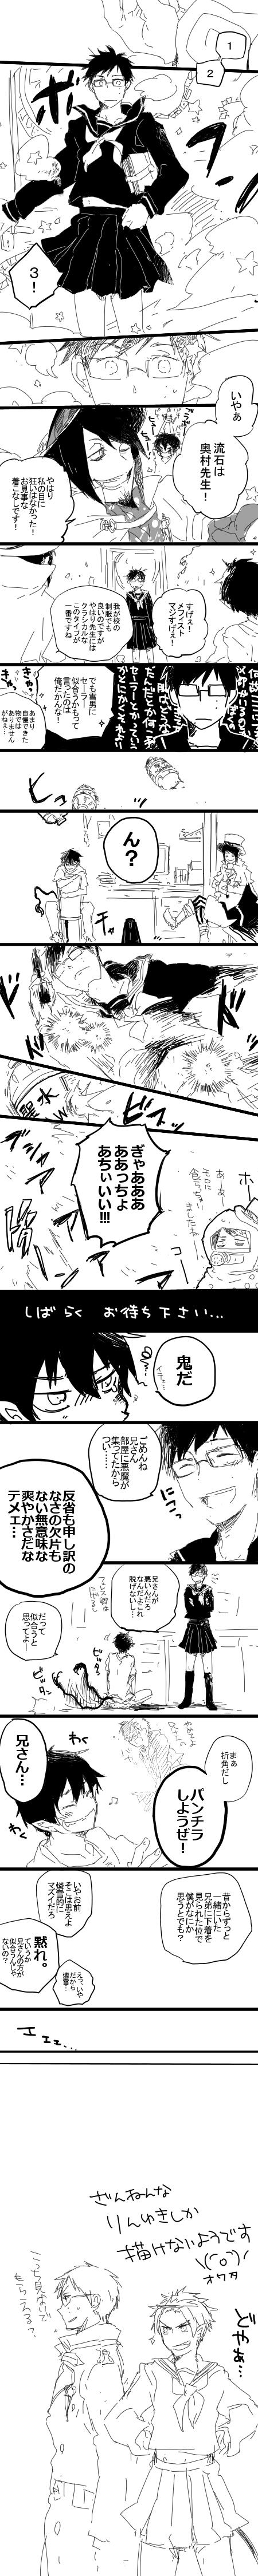 Tags: Anime, Mizutani (Pixiv1728456), Ao no Exorcist, Mephisto Pheles, Okumura Yukio, Okumura Rin, Translation Request, Blue Exorcist